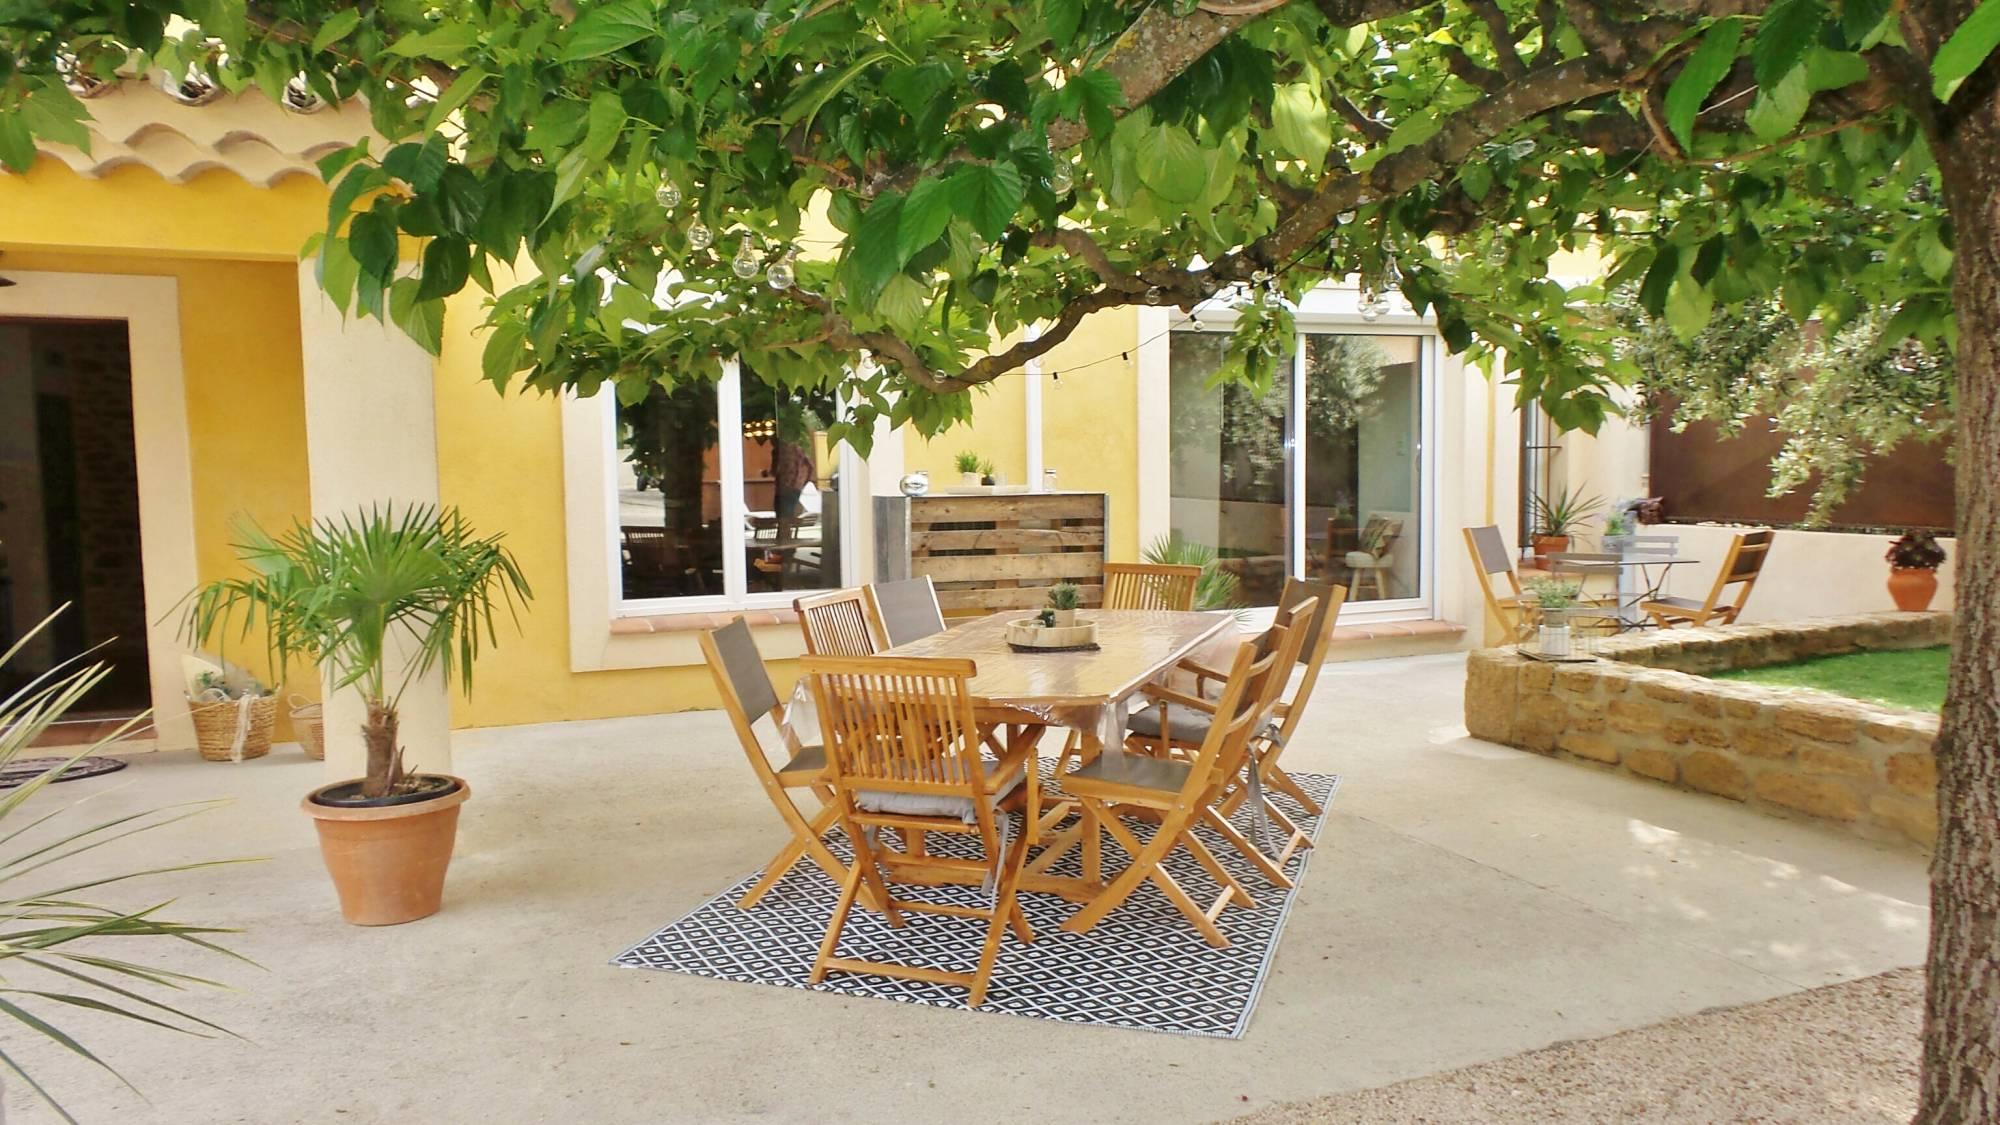 Gîte À Louer Pour L'été Grignan 26230 - Christine Miranda concernant Maison Avec Jardin A Louer